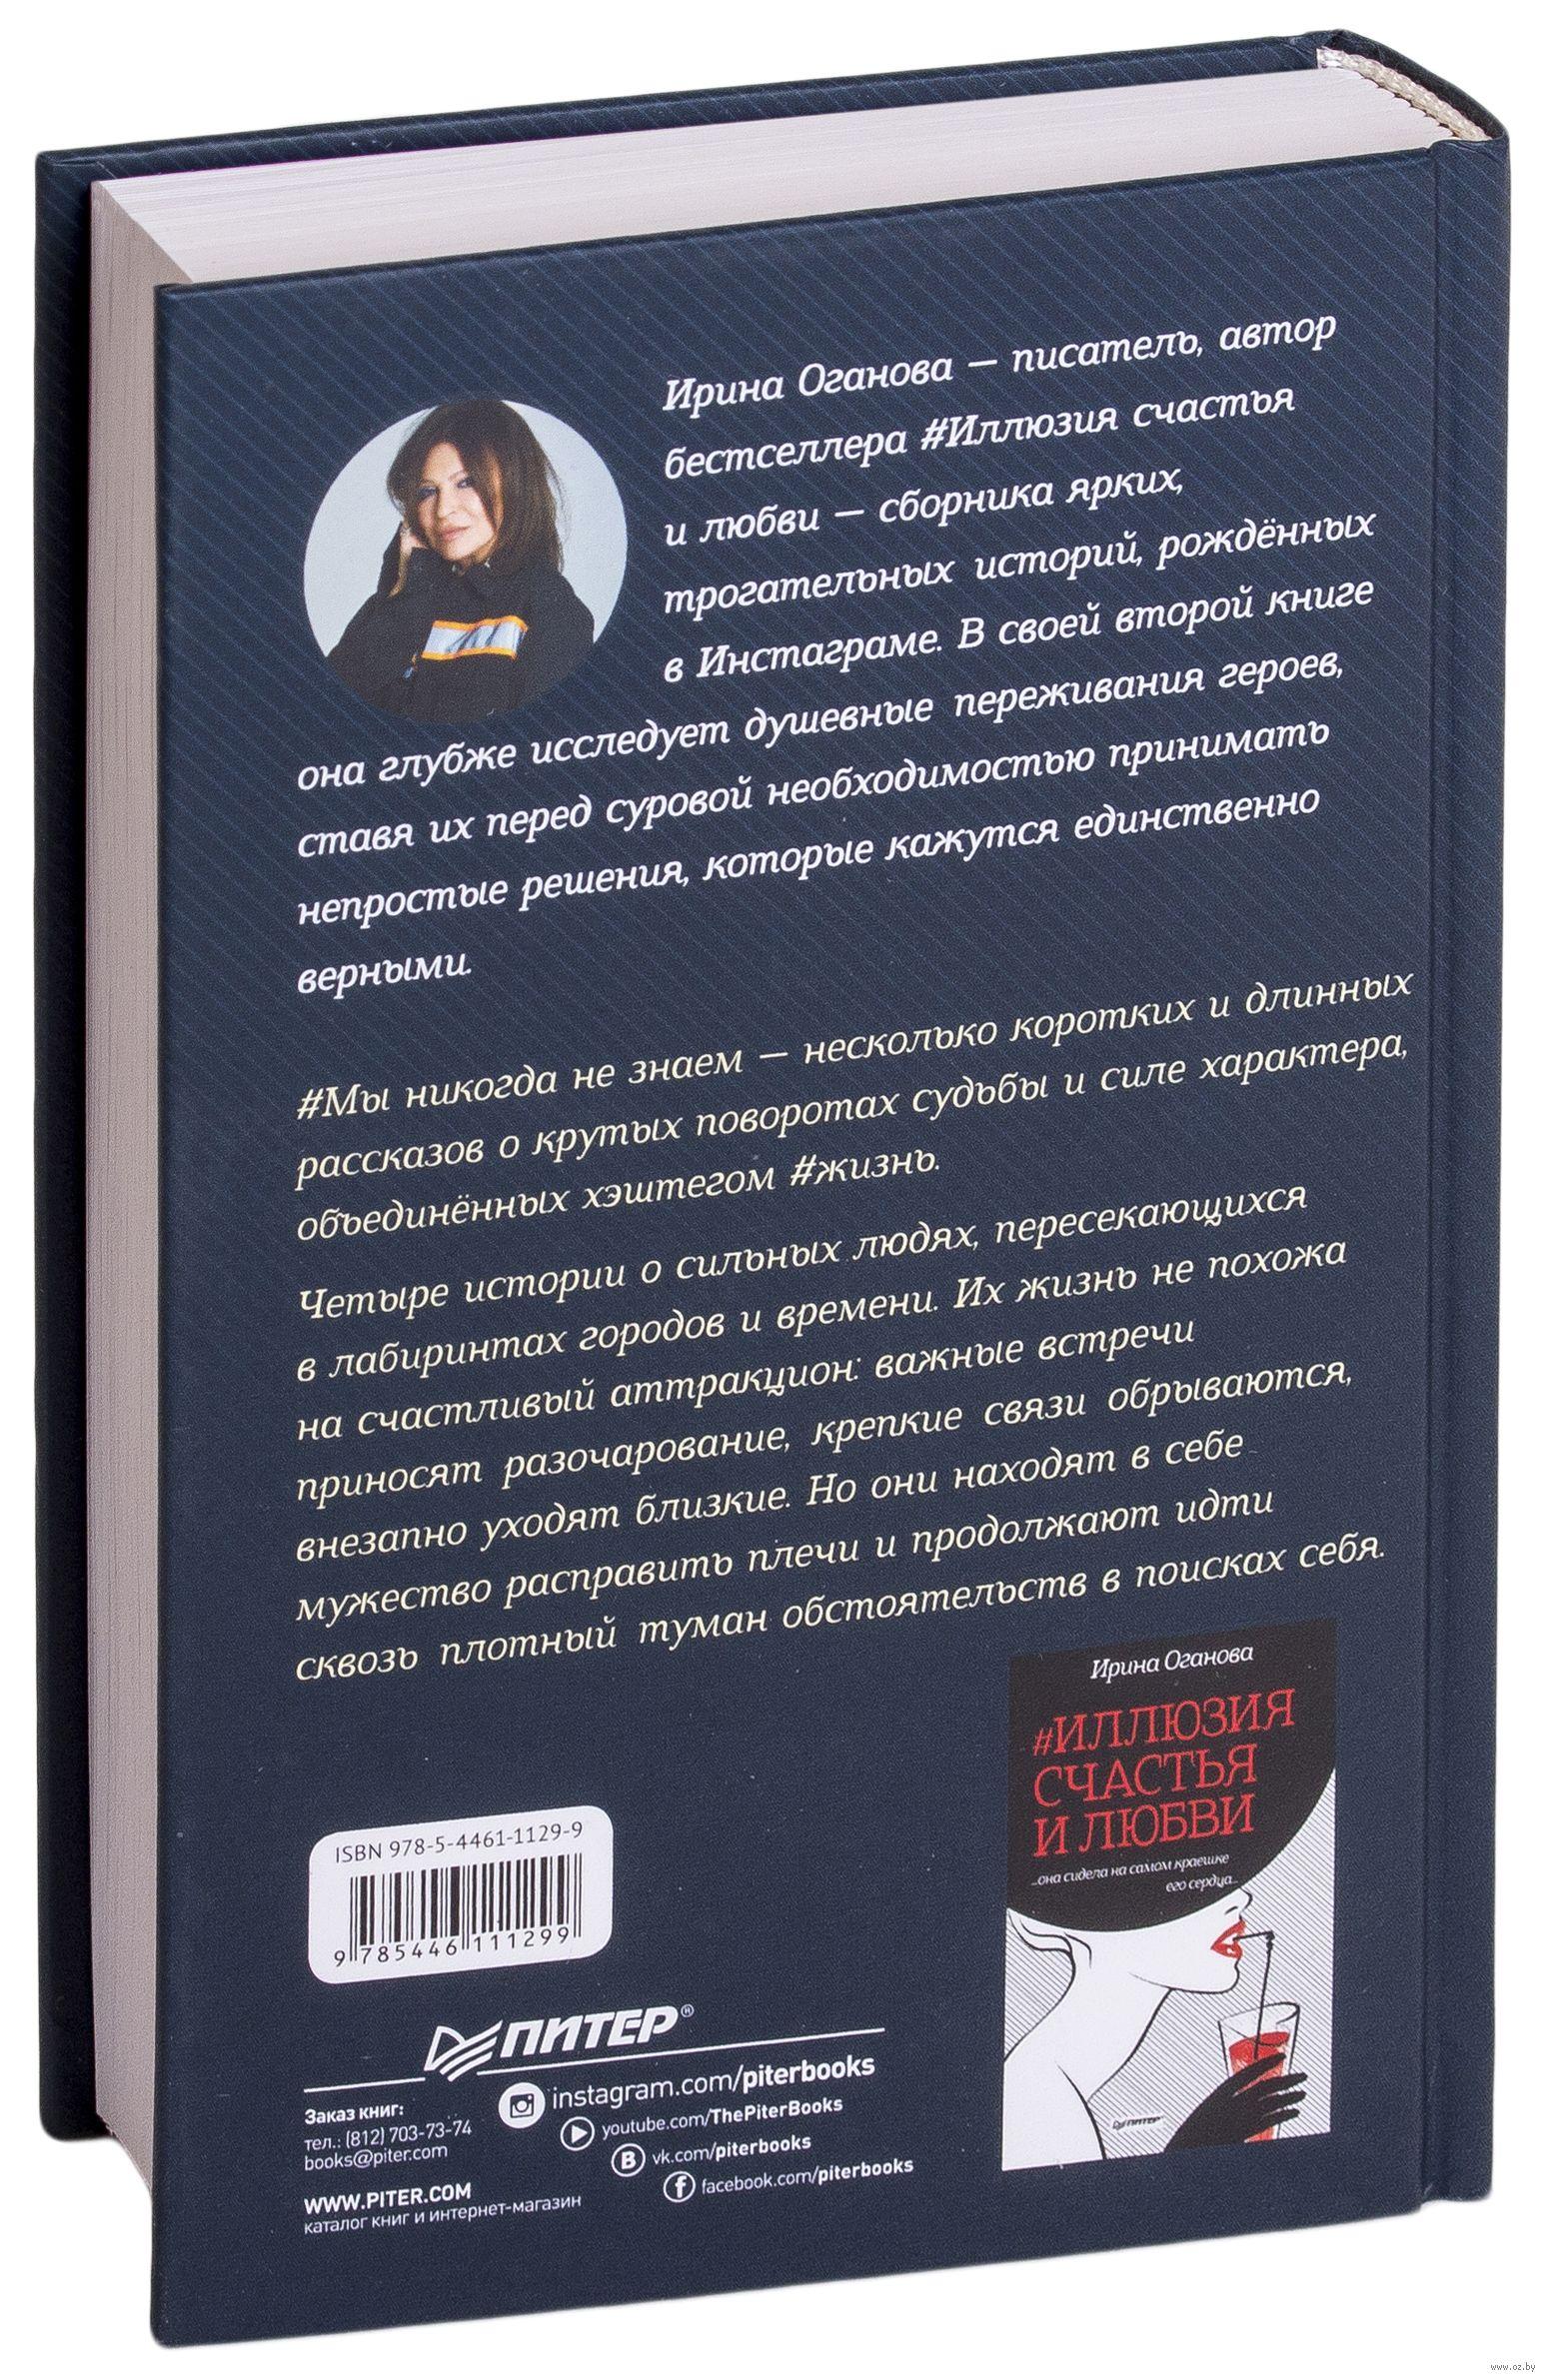 c8f0919ea0556 Мы никогда не знаем...» Ирина Оганова - купить книгу «#Мы никогда не ...